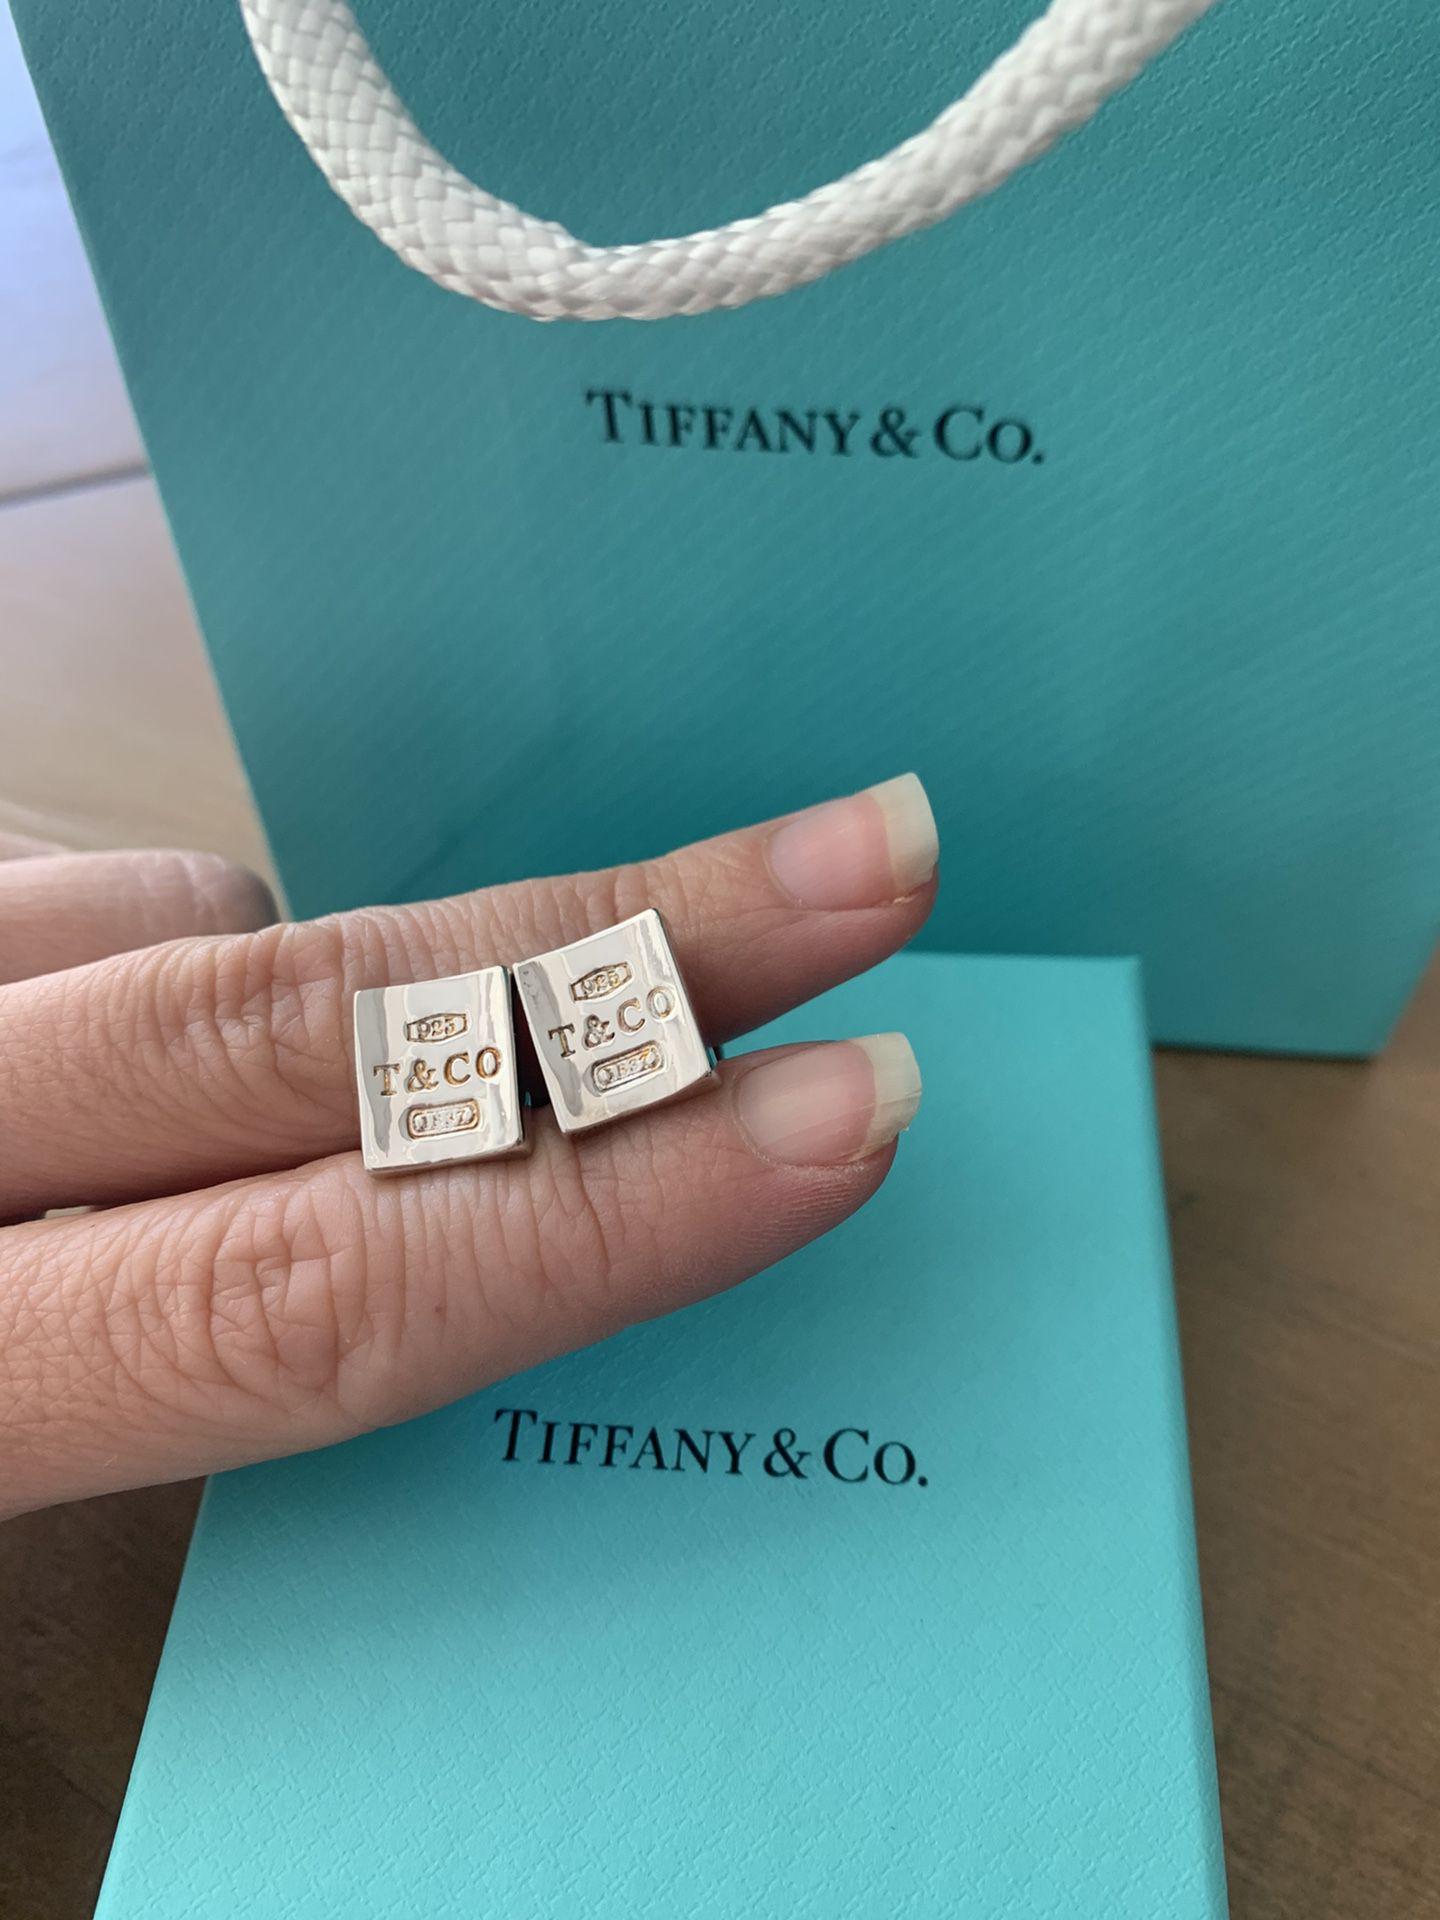 Tiffany & Co 925 Silver Cuff Links